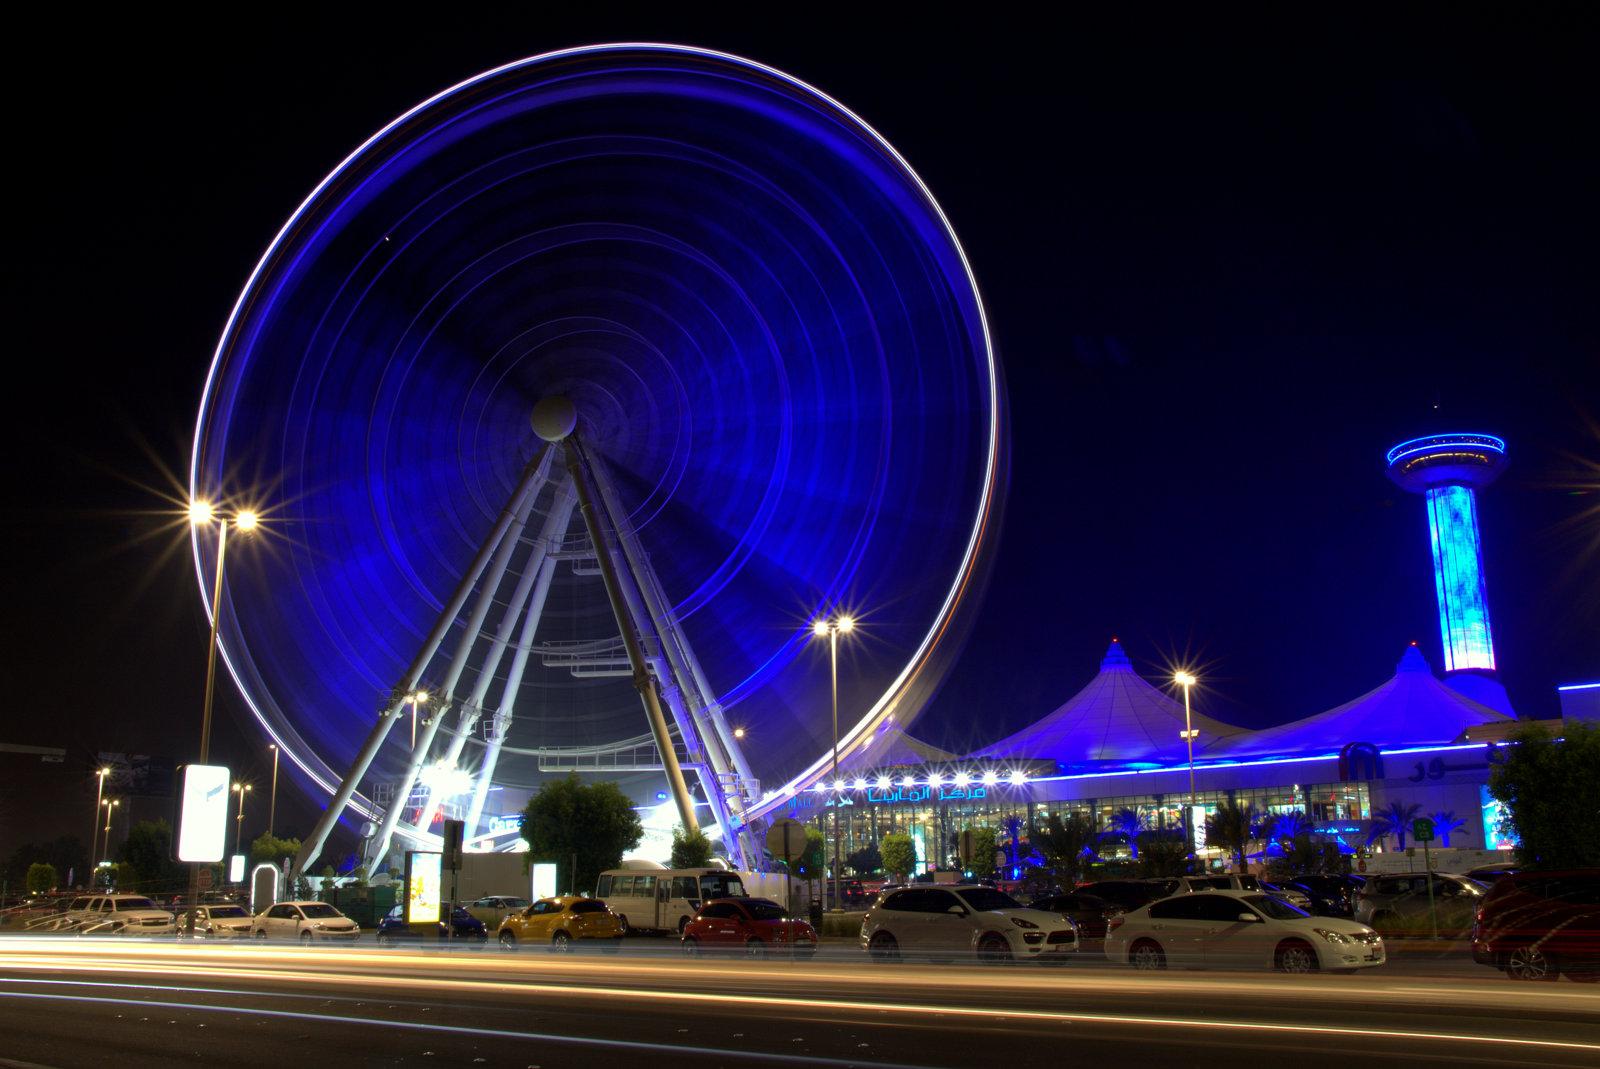 Marina Mall-ostoskeskus sekä sen vieressä oleva hienosti iltavalaistu maailmanpyörä.